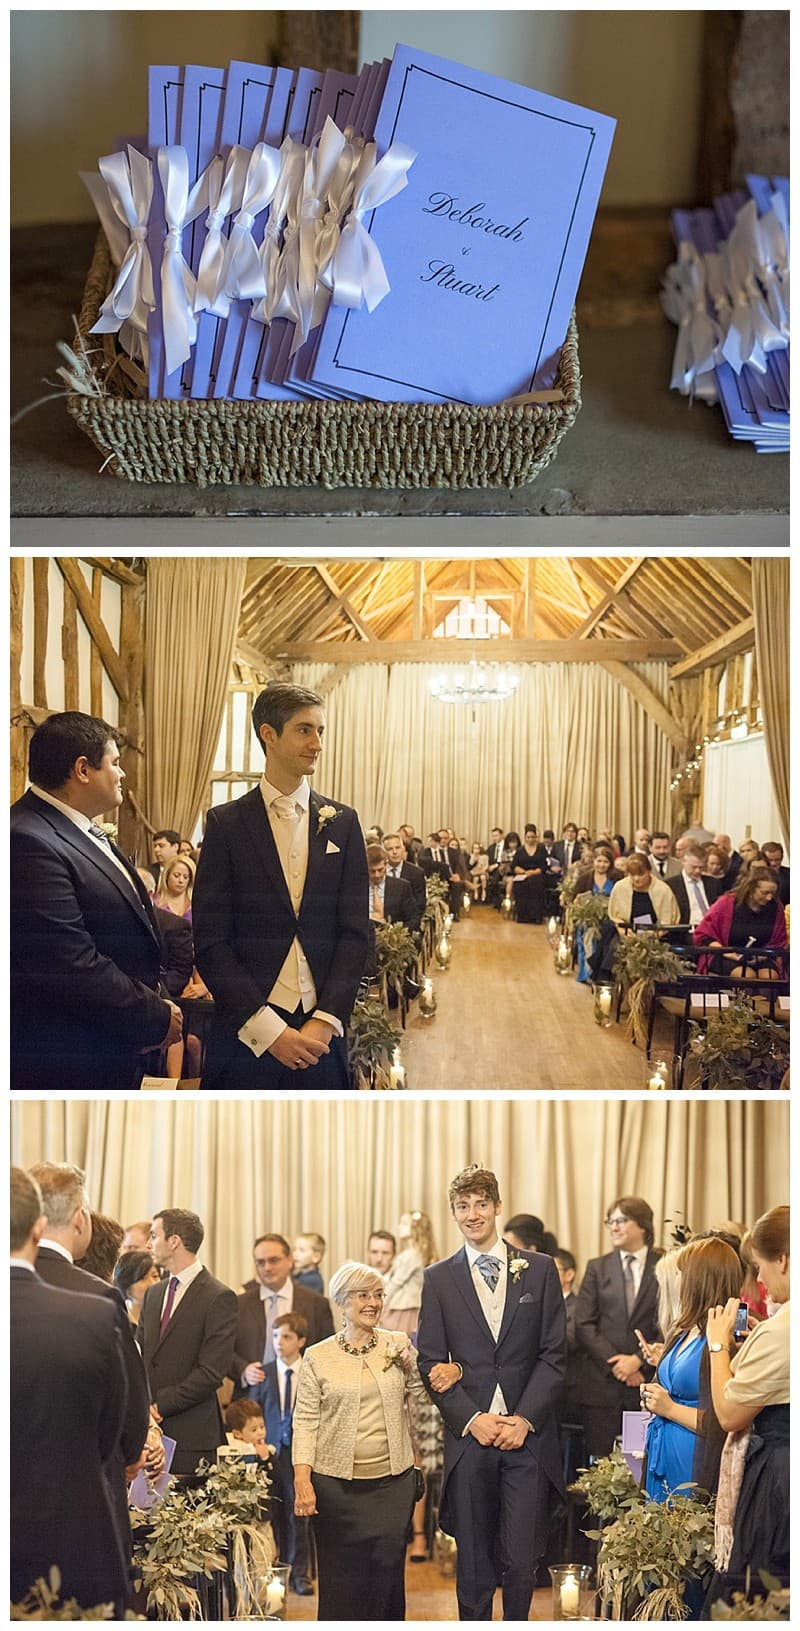 Stuart & Deborah, The Olde Bell, Hurley Wedding, Benjamin Wetherall Photography0036